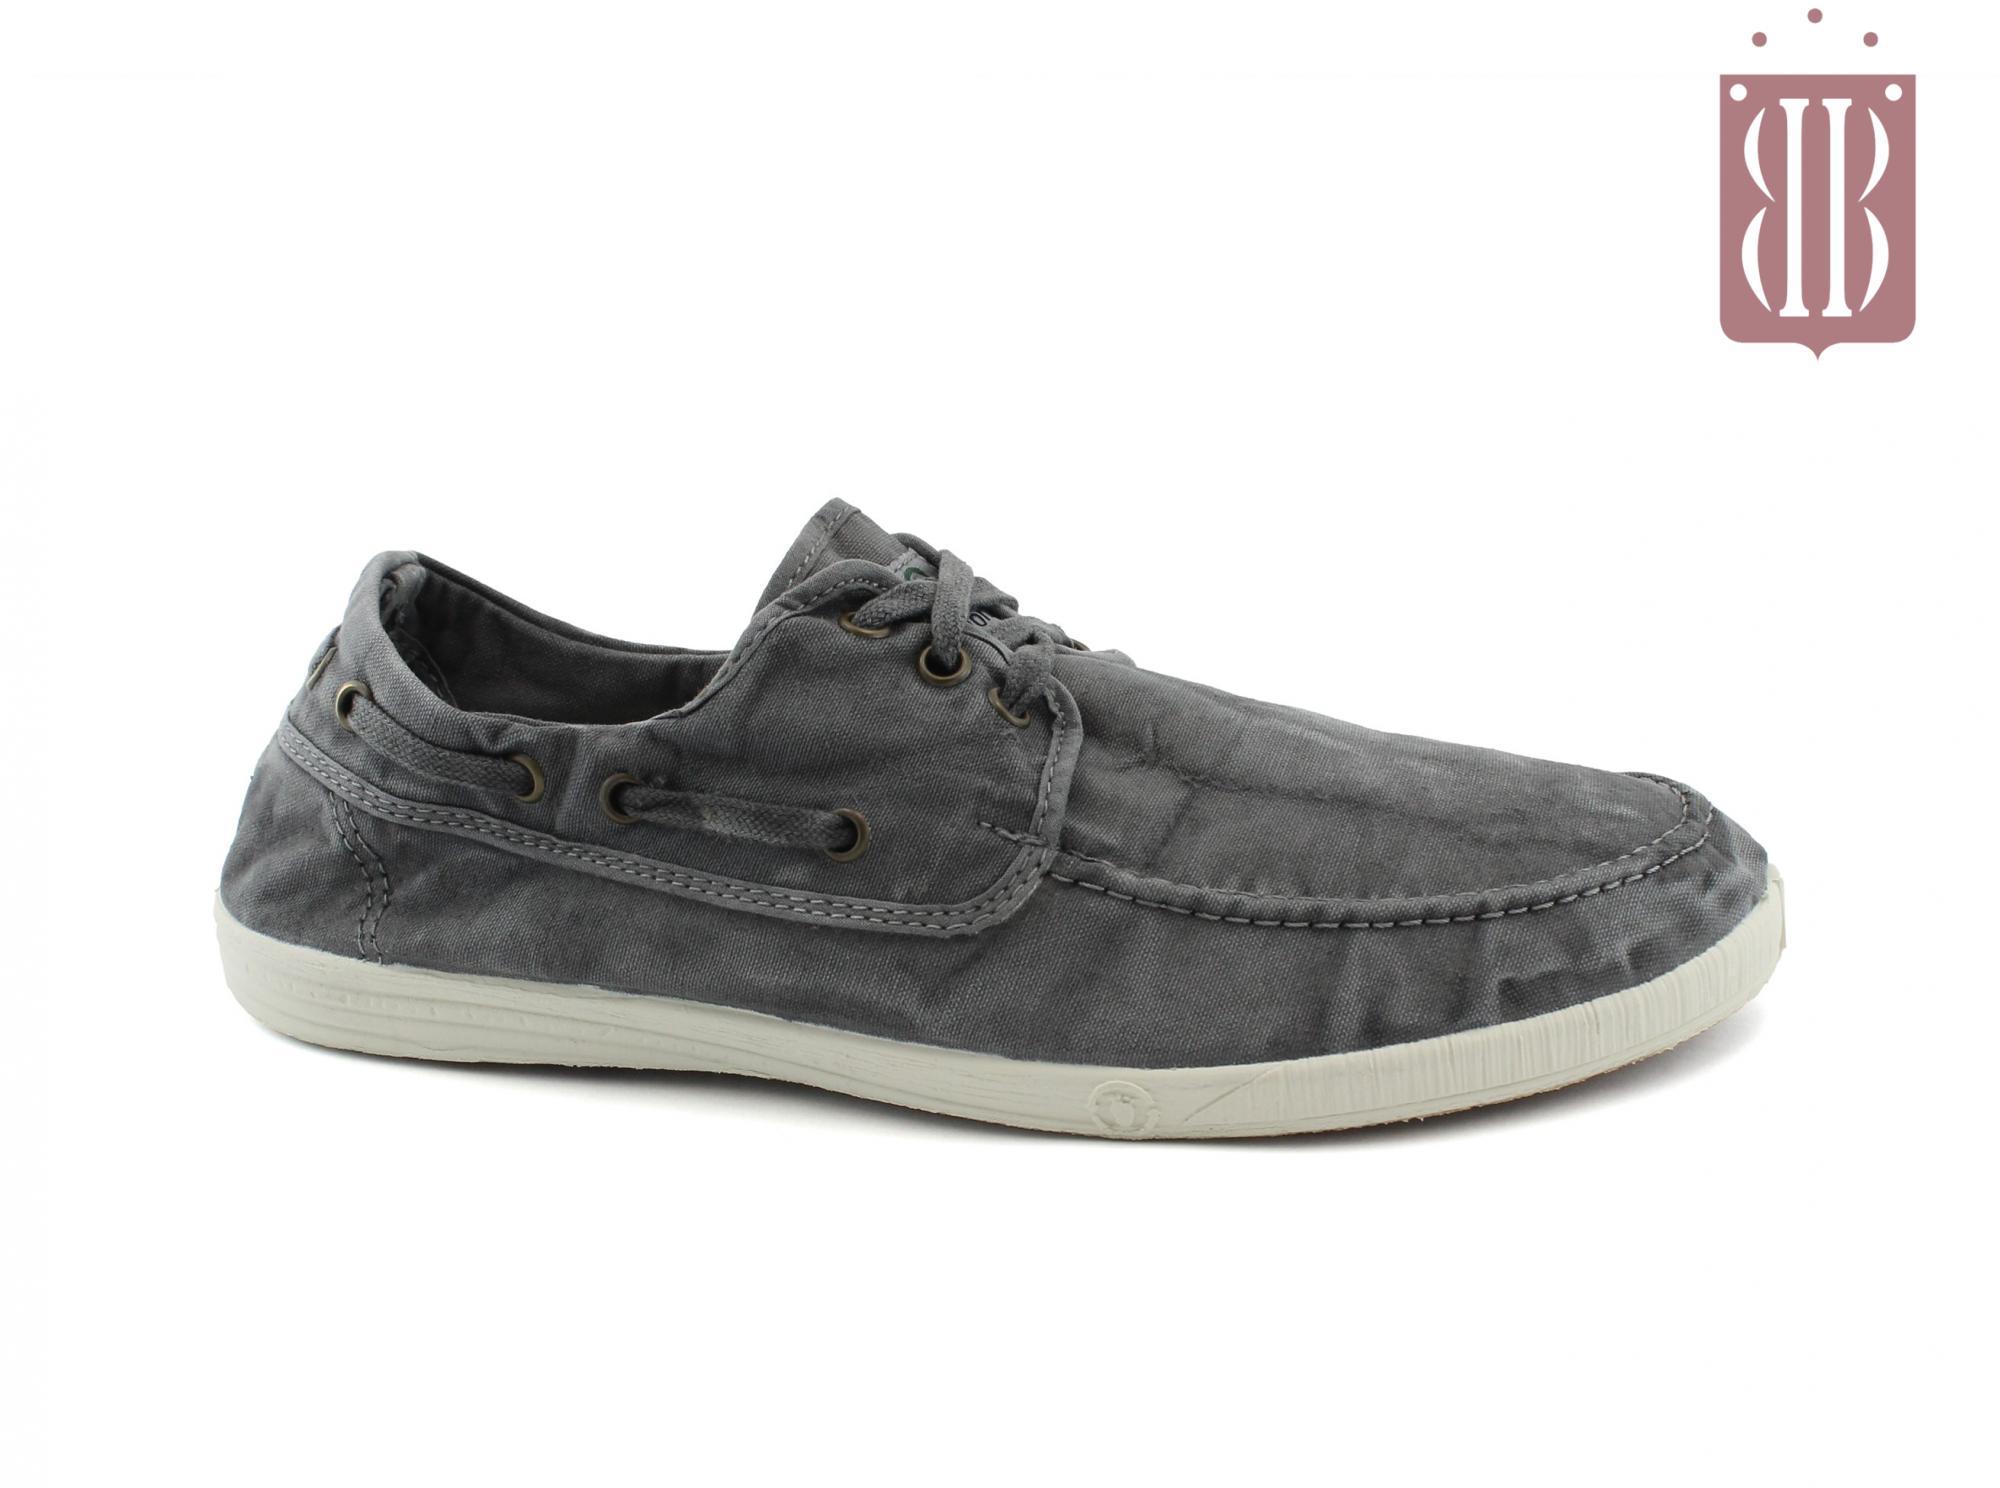 56d5862acf NATURAL WORLD scarpe Uomo lacci cotone bio plantare estraibile vegan shoes